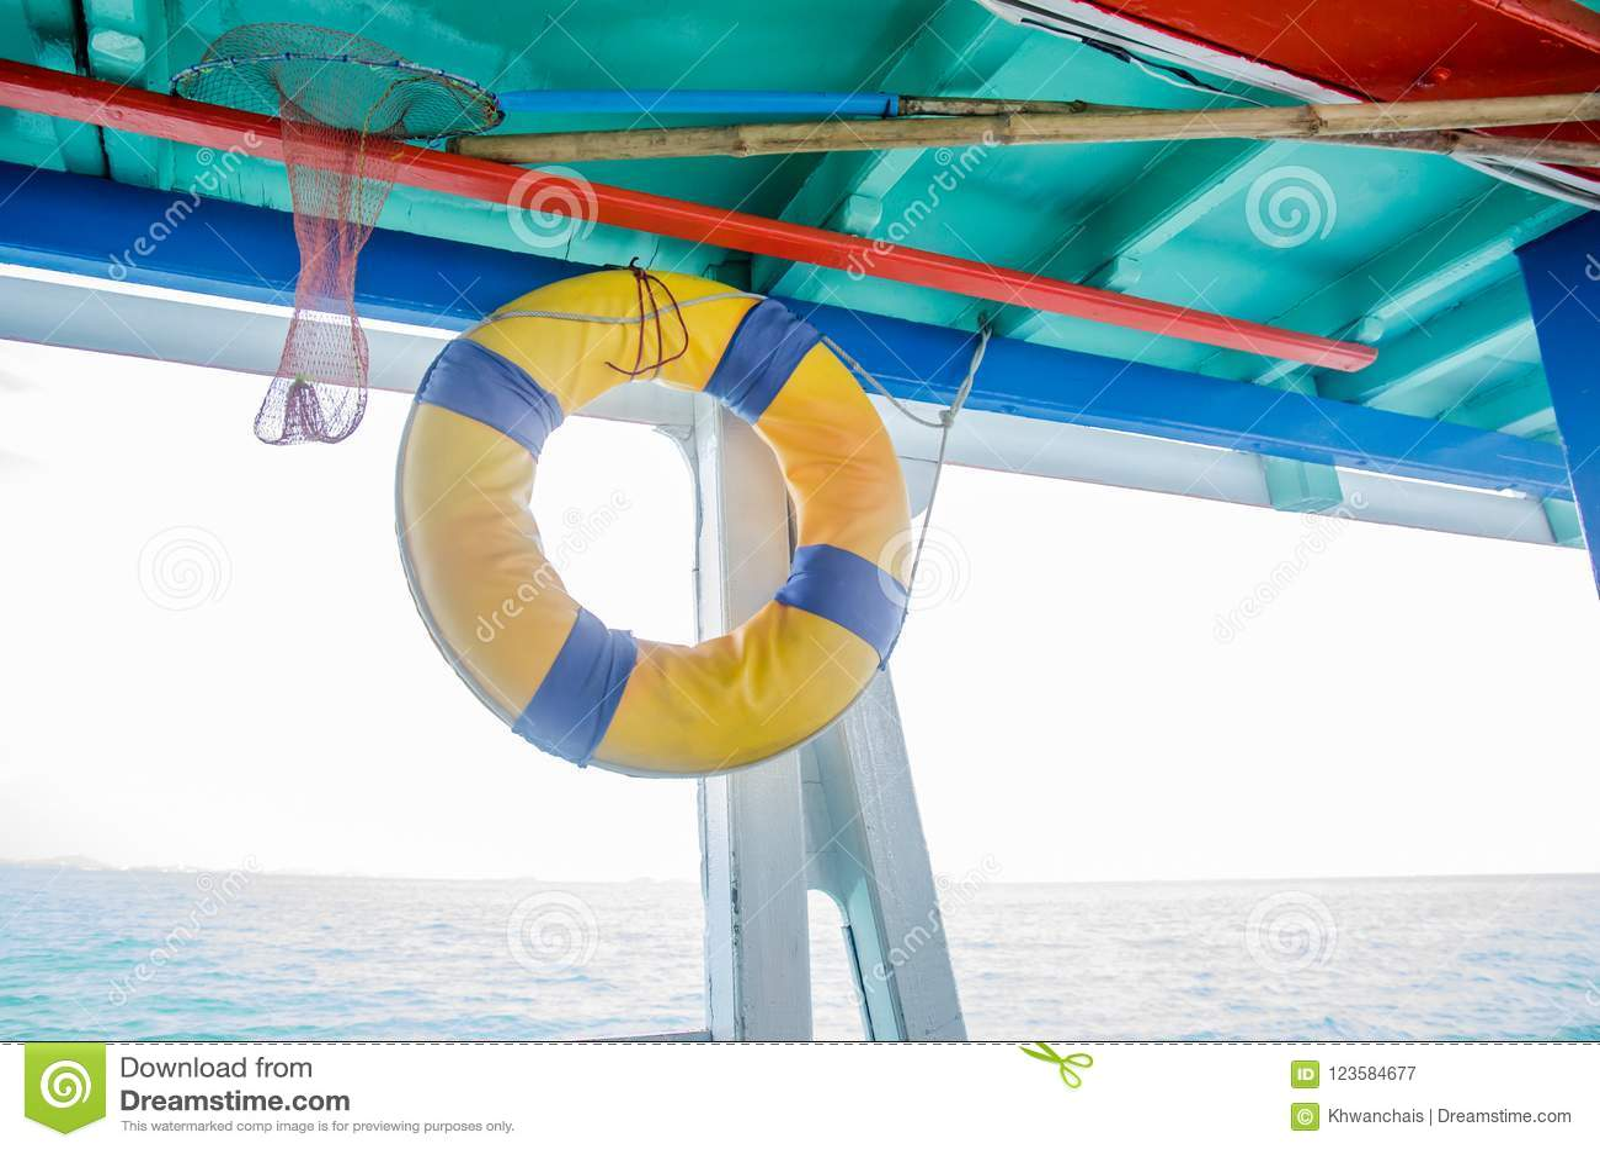 Reddingsboten in boten voor toeristen worden gehangen die